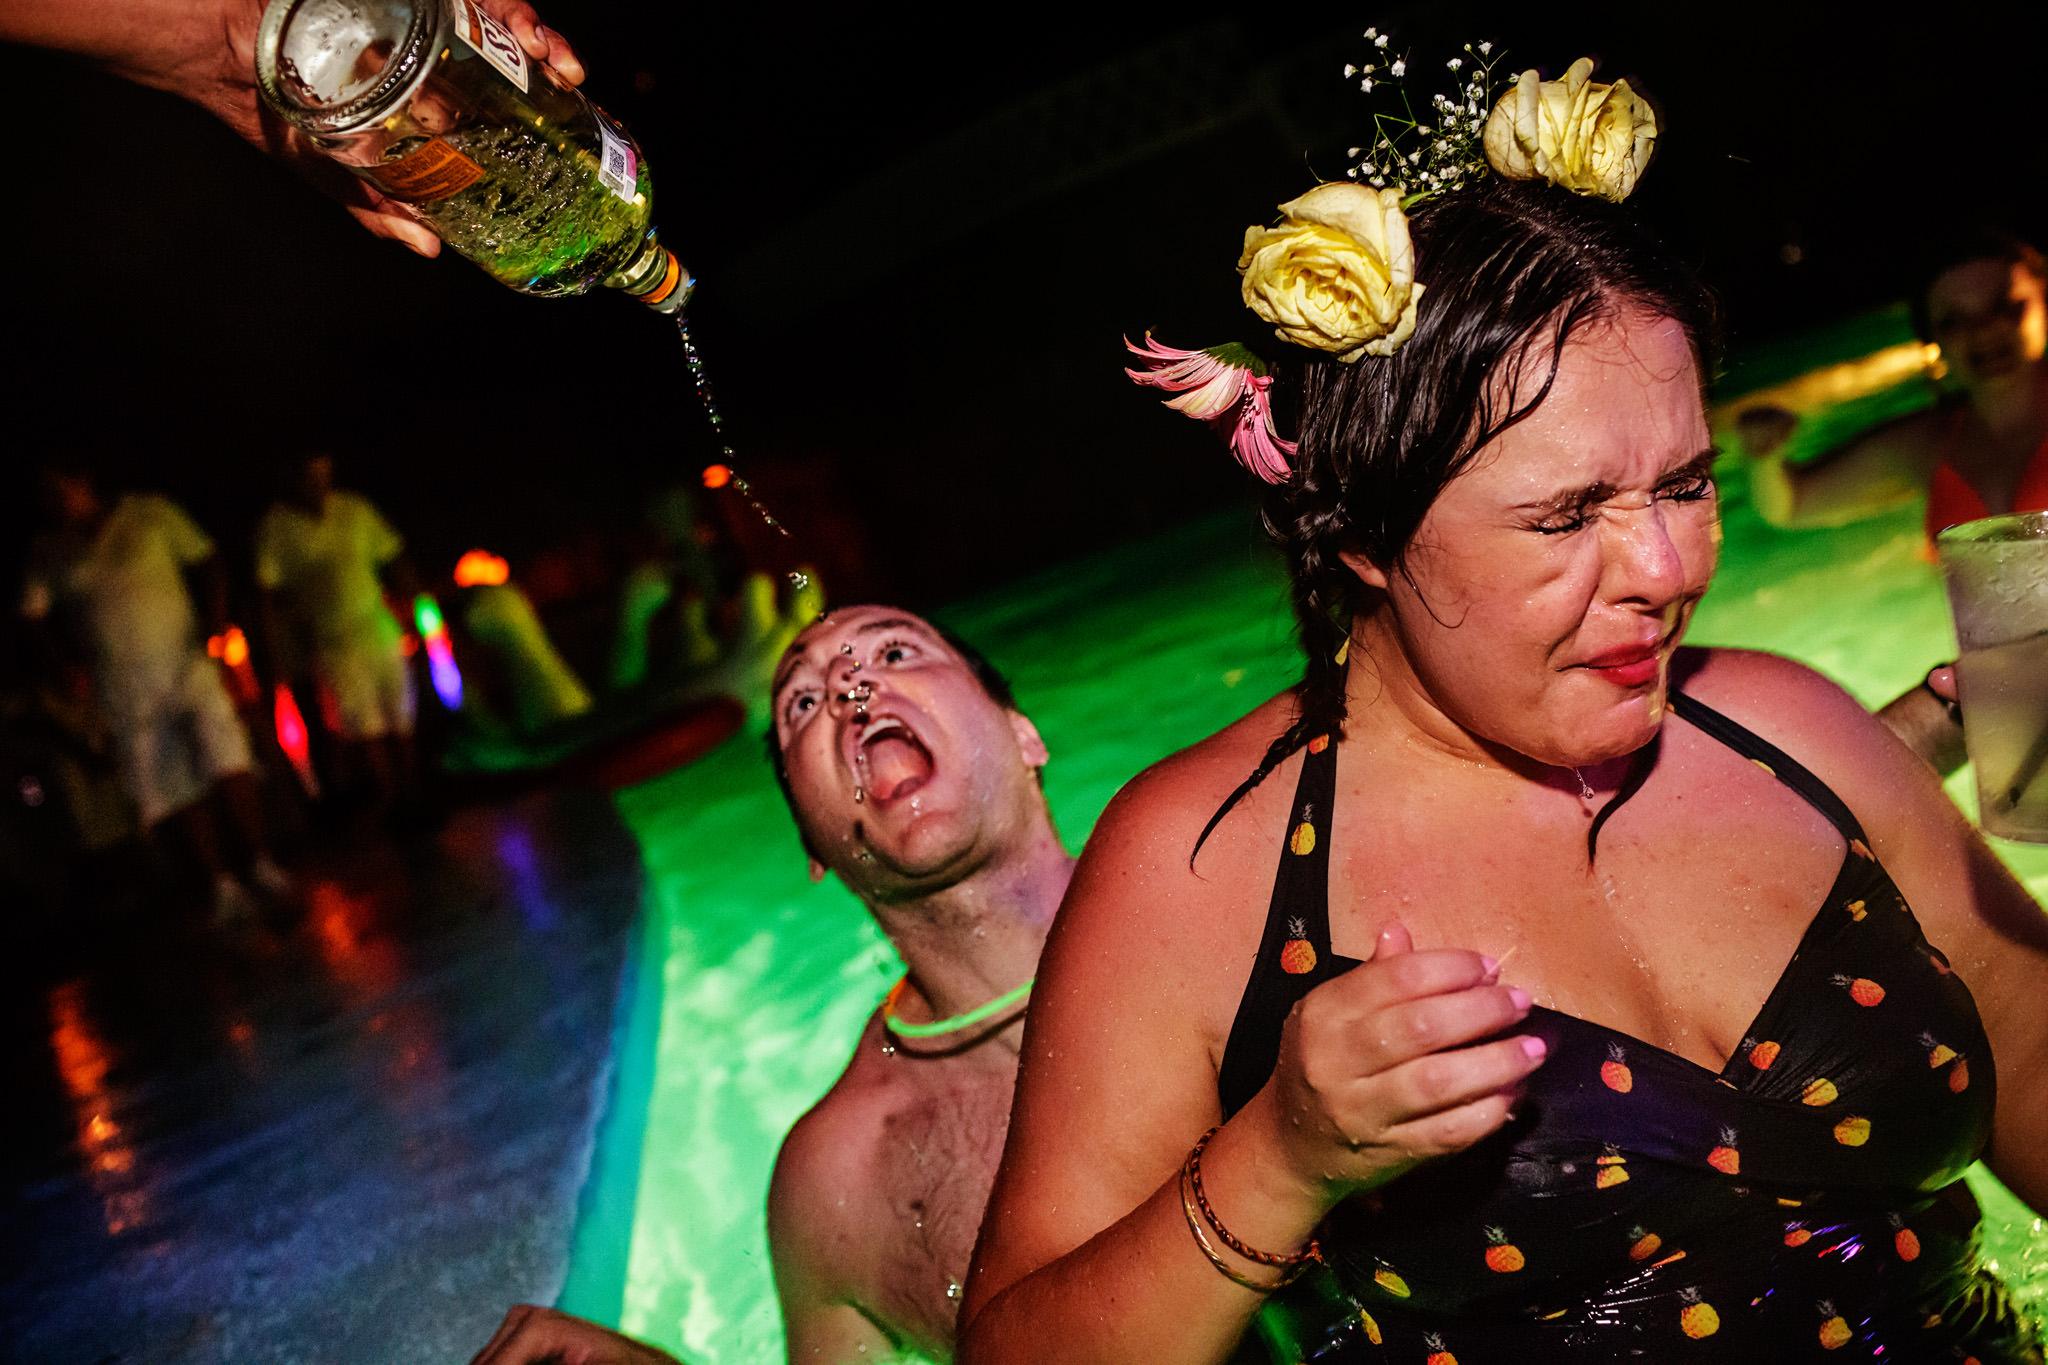 Erandi and Zach's wedding at Hotel Boca Chica in Acapulco, Mexico.